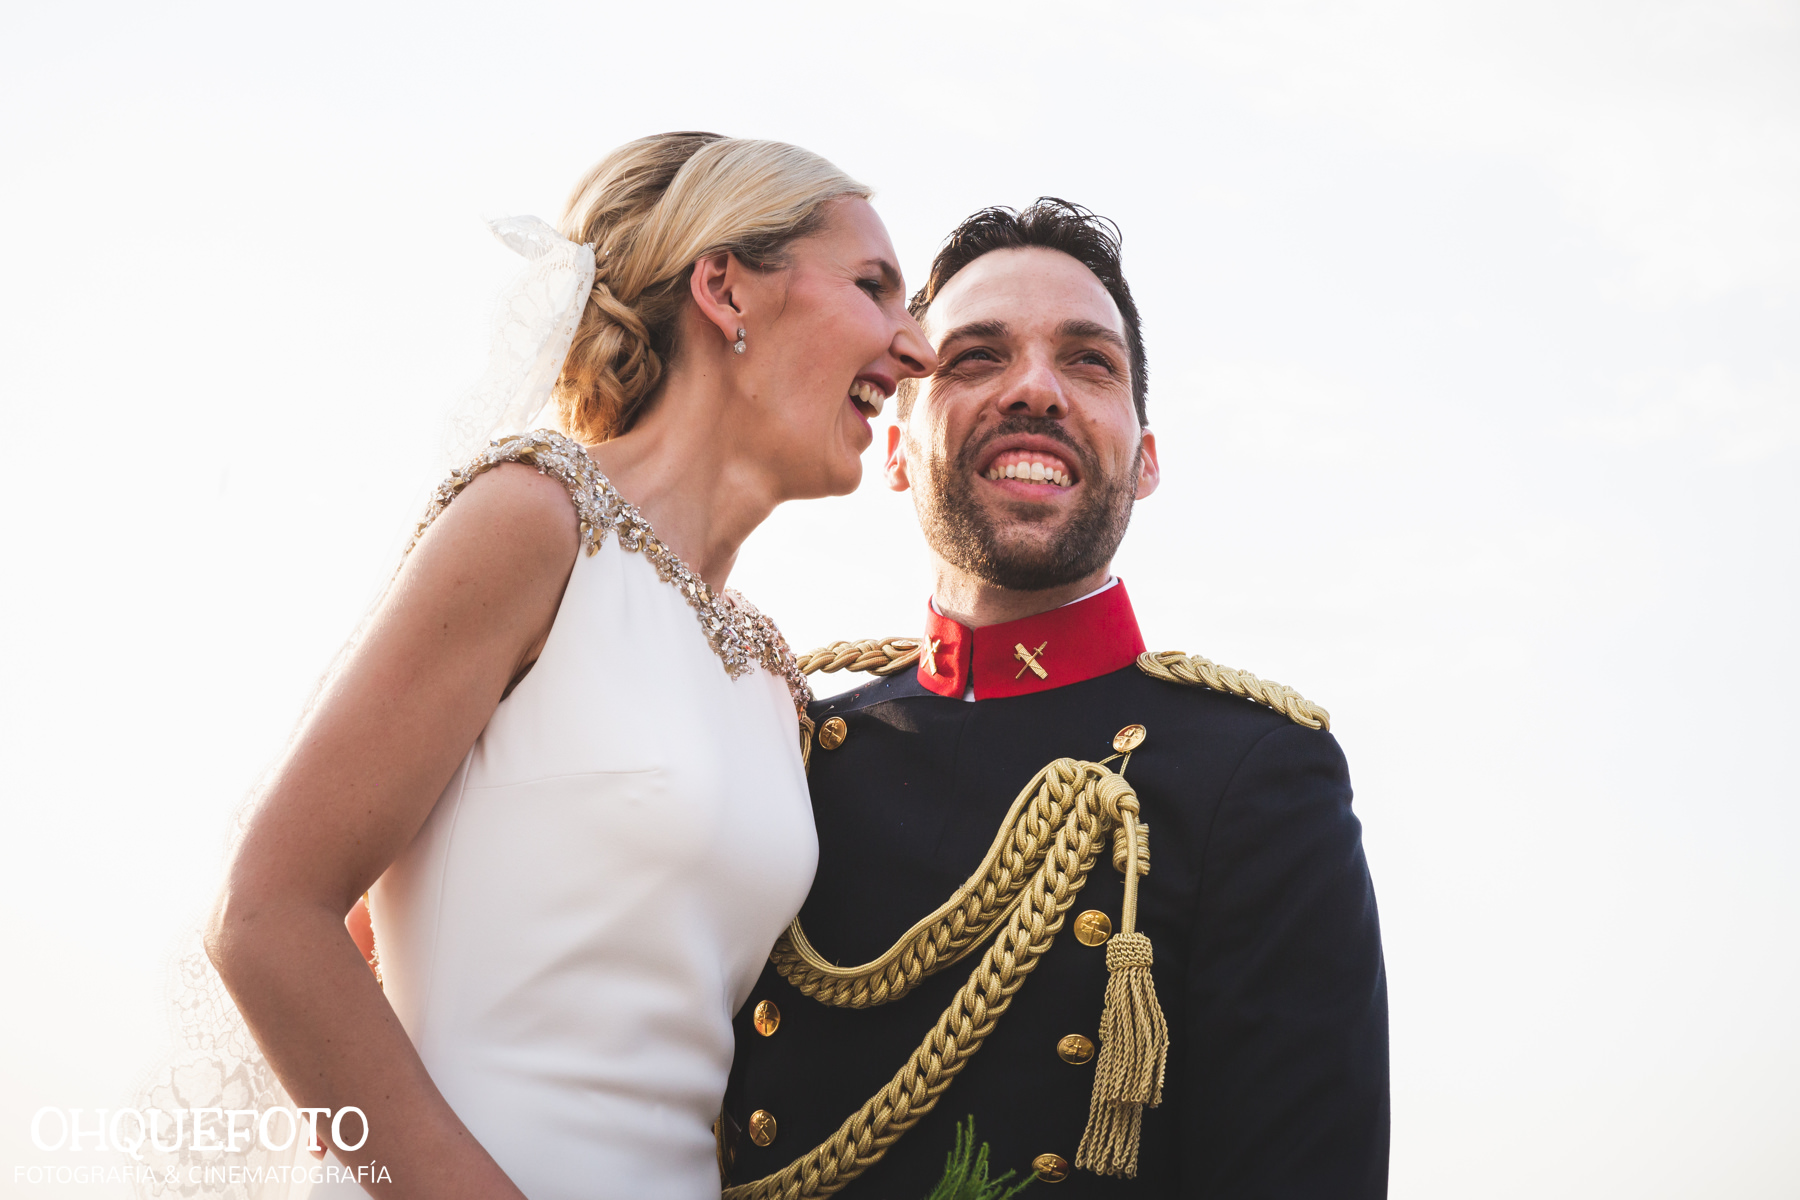 boda en la peraleda boda en cabeza del buey boda en capilla reportaje de bodas en almaden video de bodas en cordoba463 - Jose y Gema - Boda en Zarza Capilla y la Finca La Peraleda (Chillón)